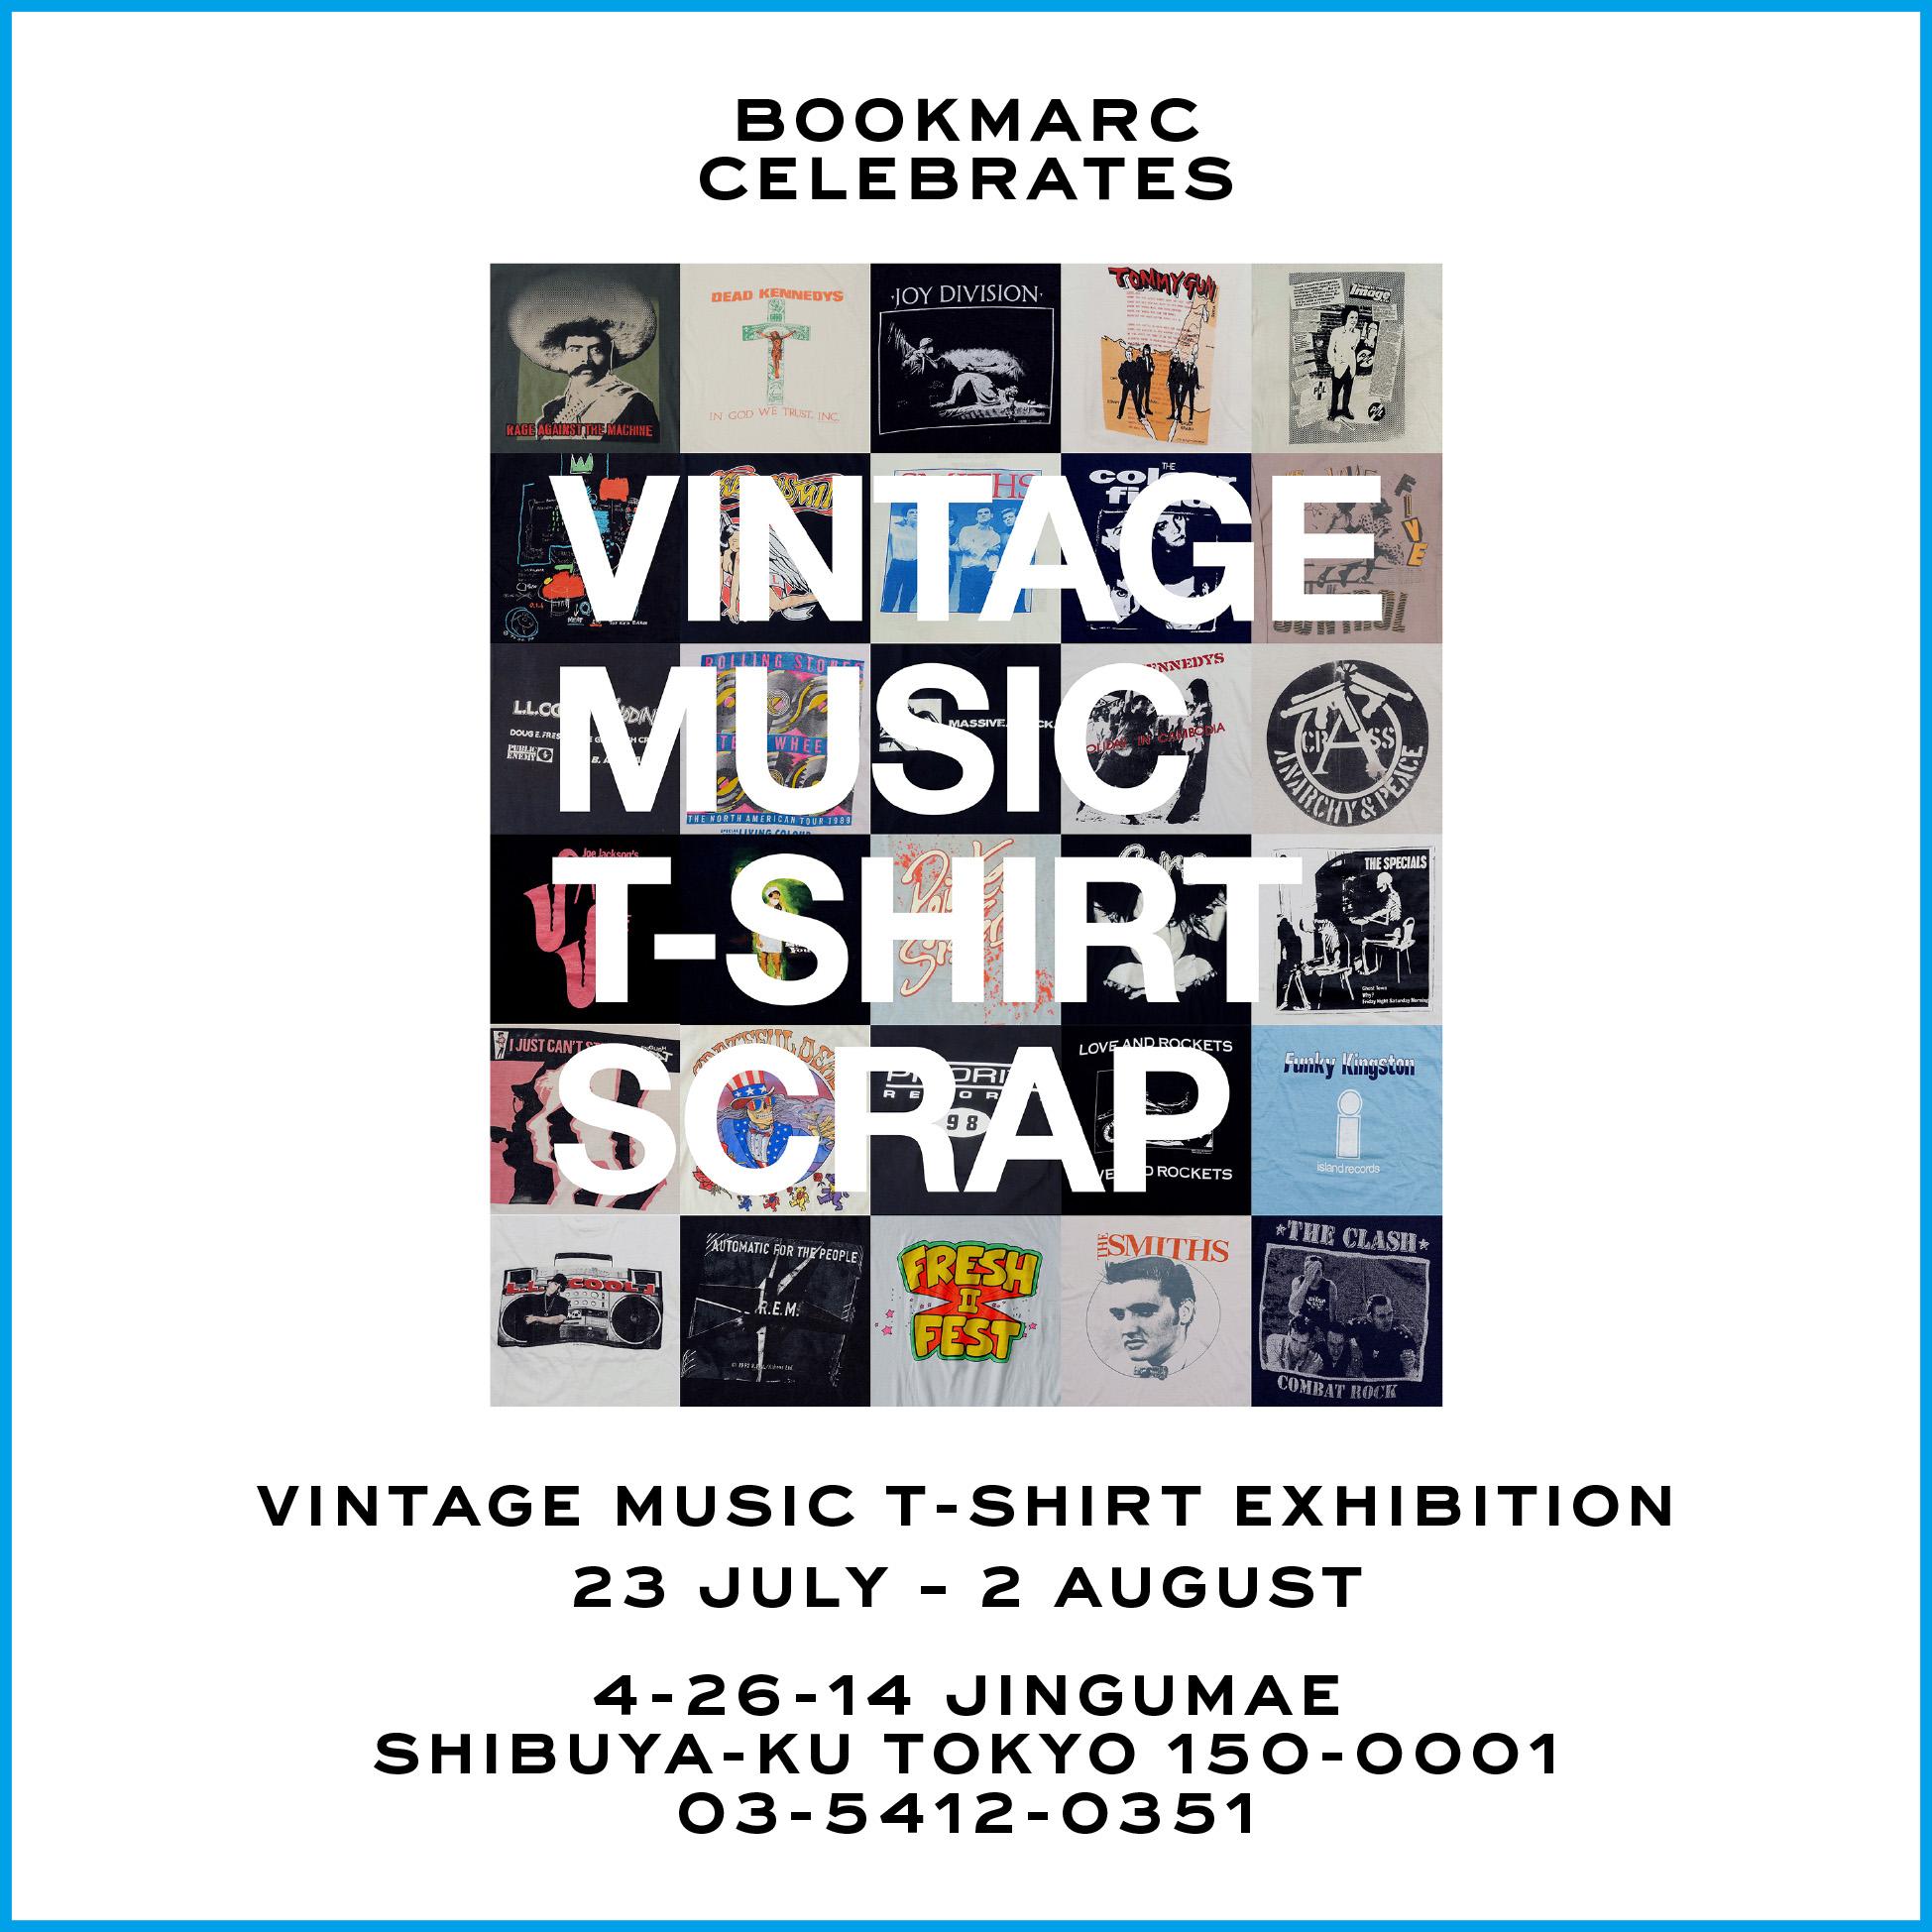 音楽プロデューサー/DJの井出 靖の新著「VINTAGE MUSIC T-SHIRT SCRAP」好評のポスター集に続いて登場!『BOOKMARC』でヴィンテージTシャツ&ポスター展開催!